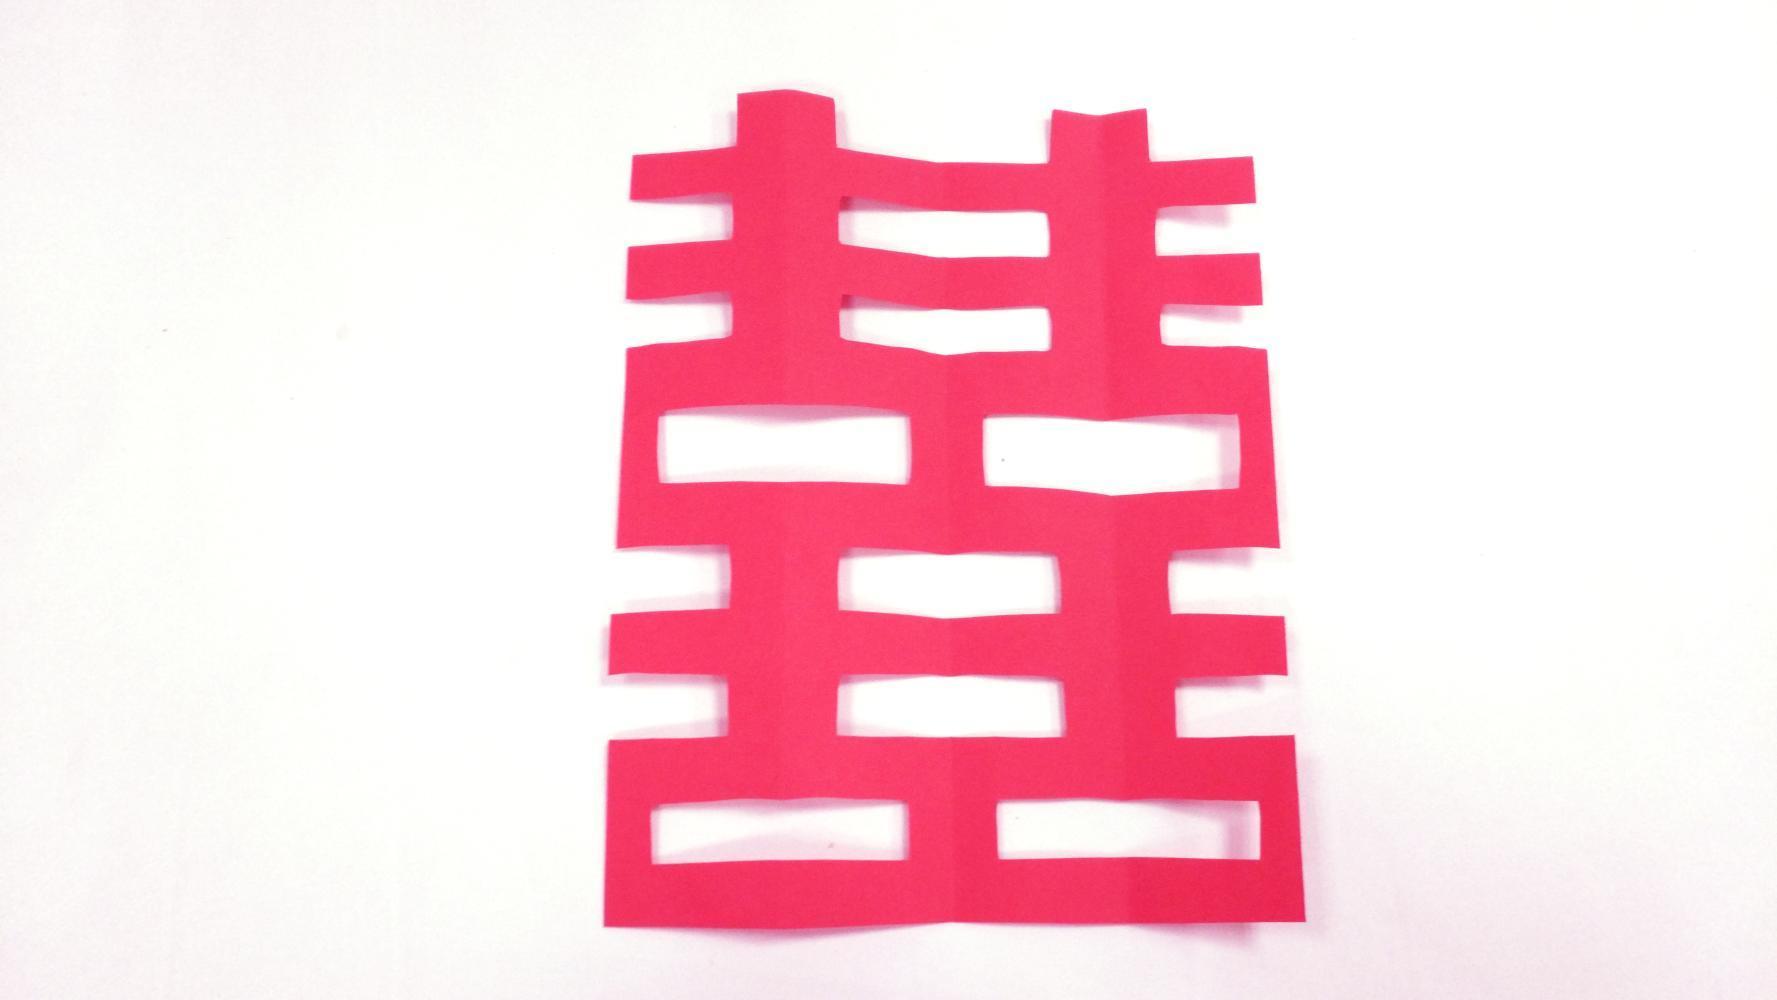 其实喜字剪纸非常简单,只需简单步骤就可以剪出双喜.一起来学学吧!